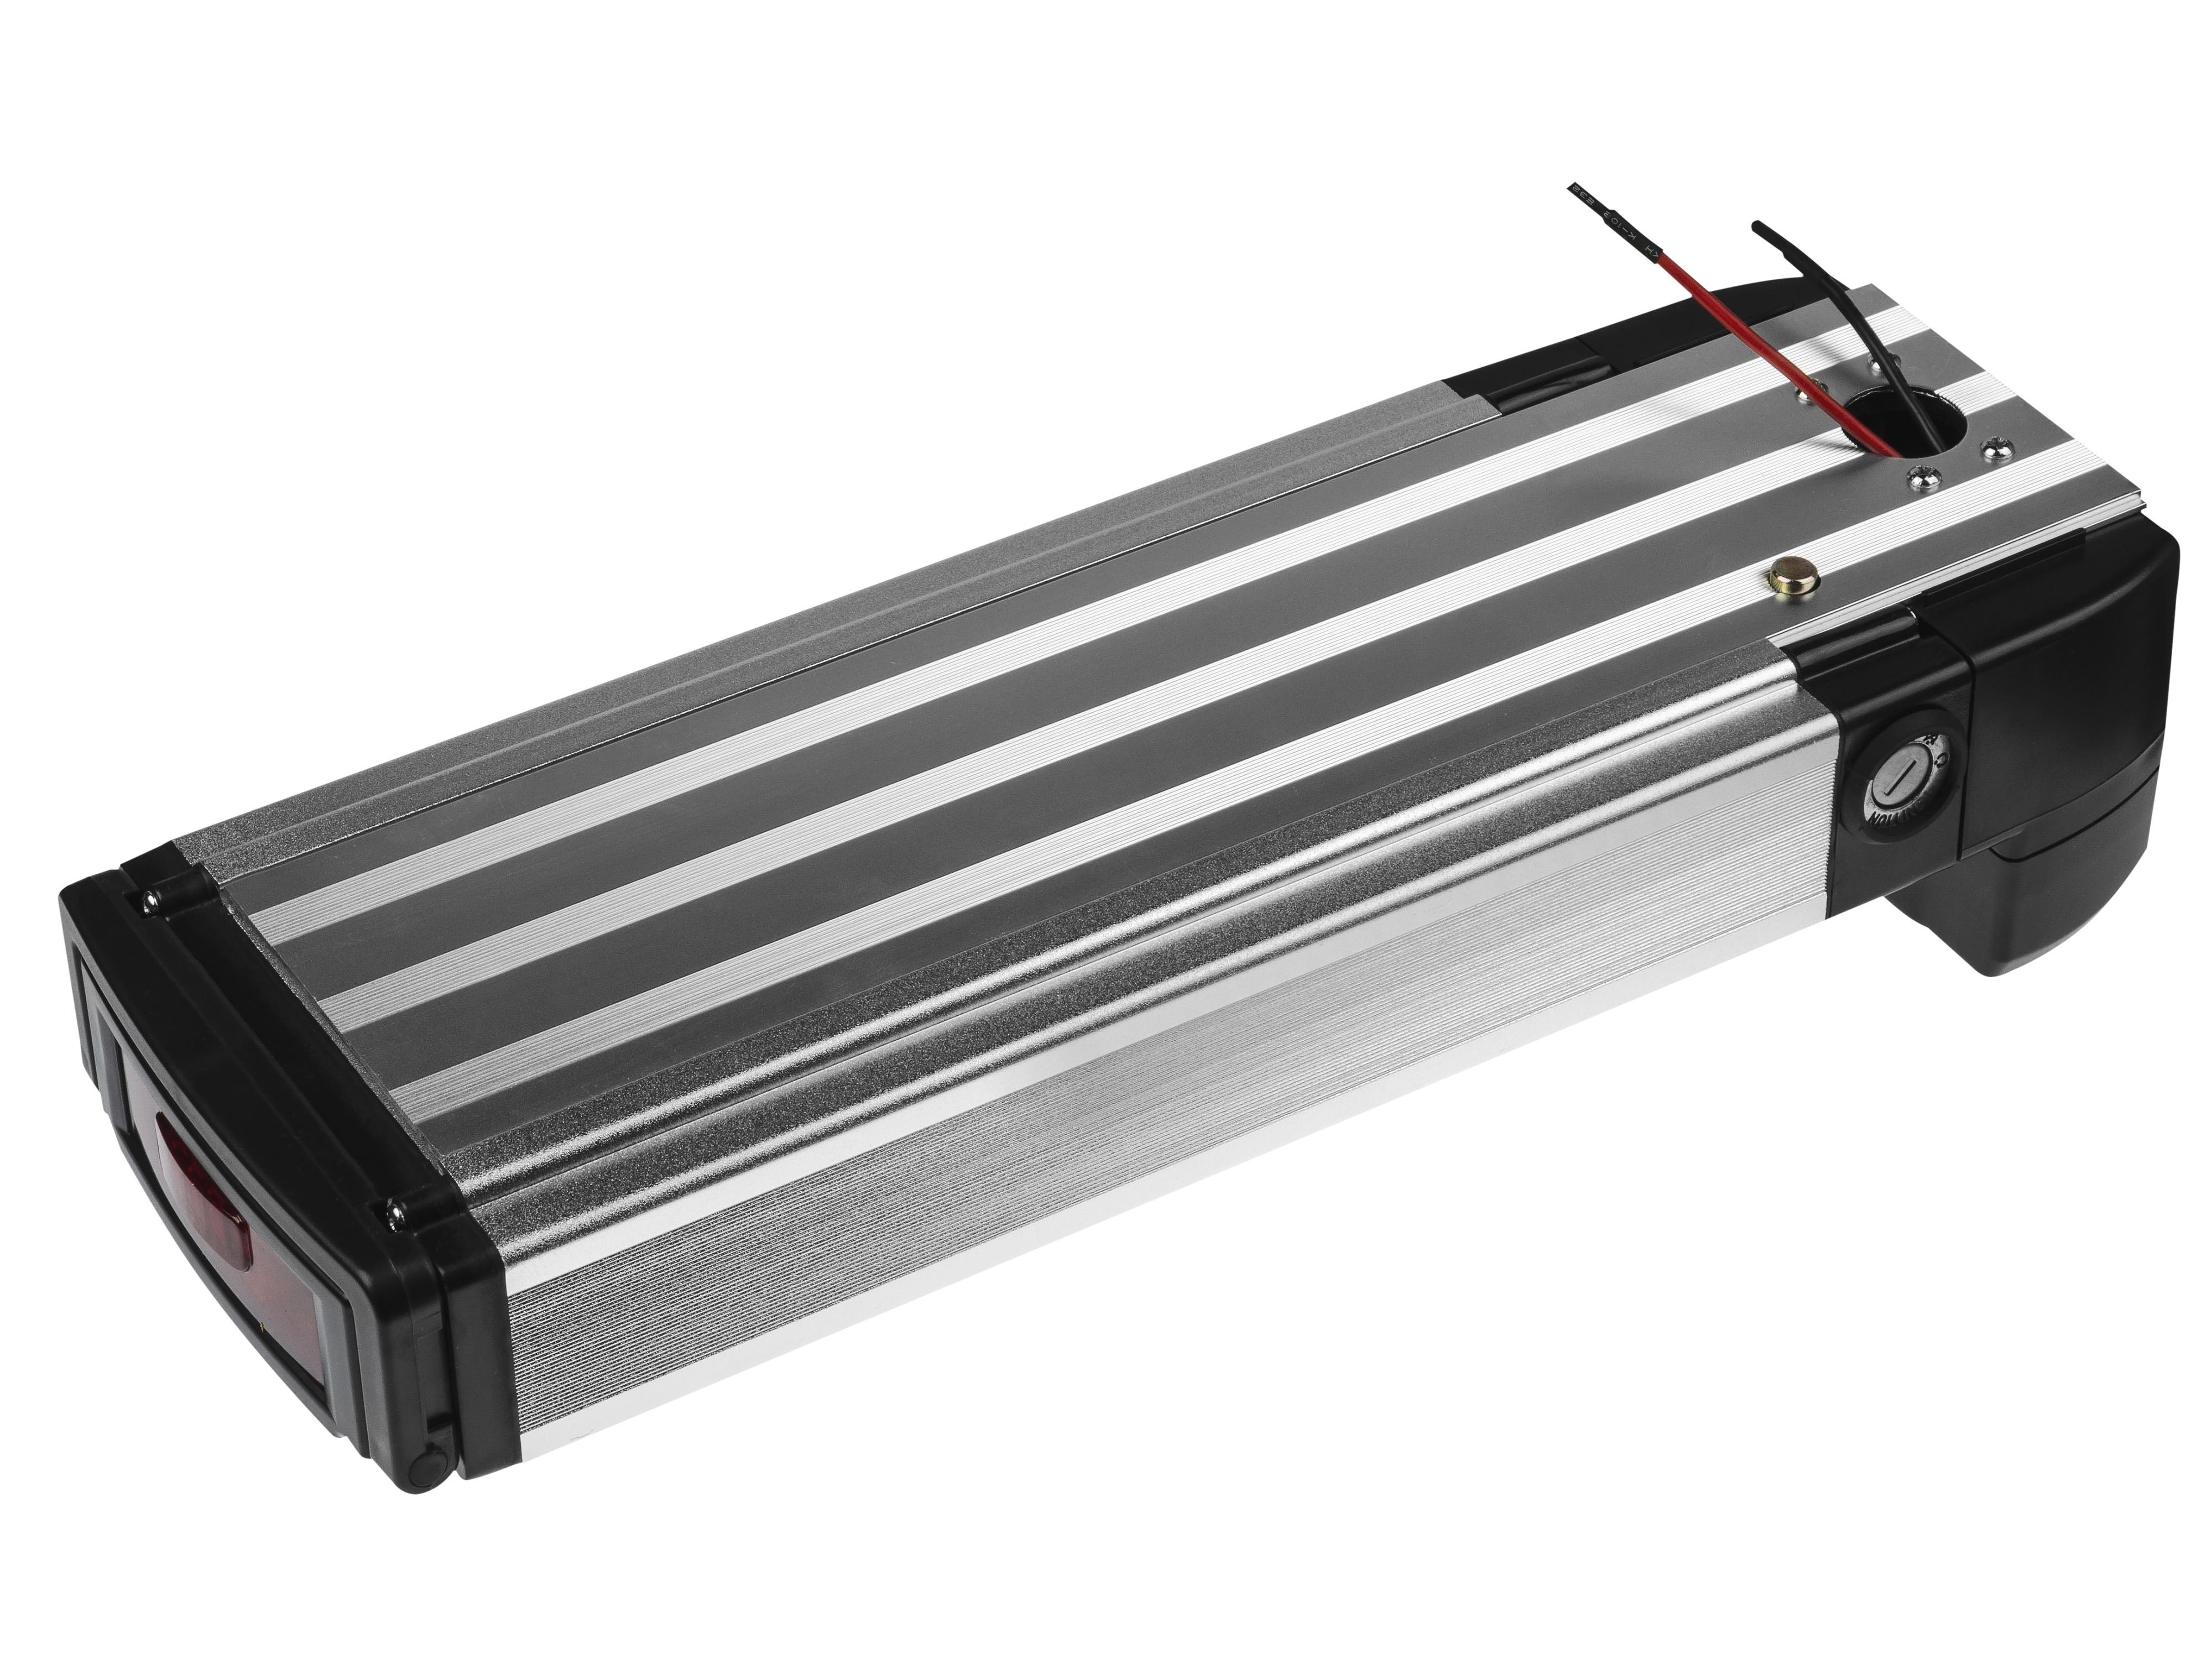 Battery Green Cell Rear Rack 36V 12Ah 432Wh for E-Bike Pedelec